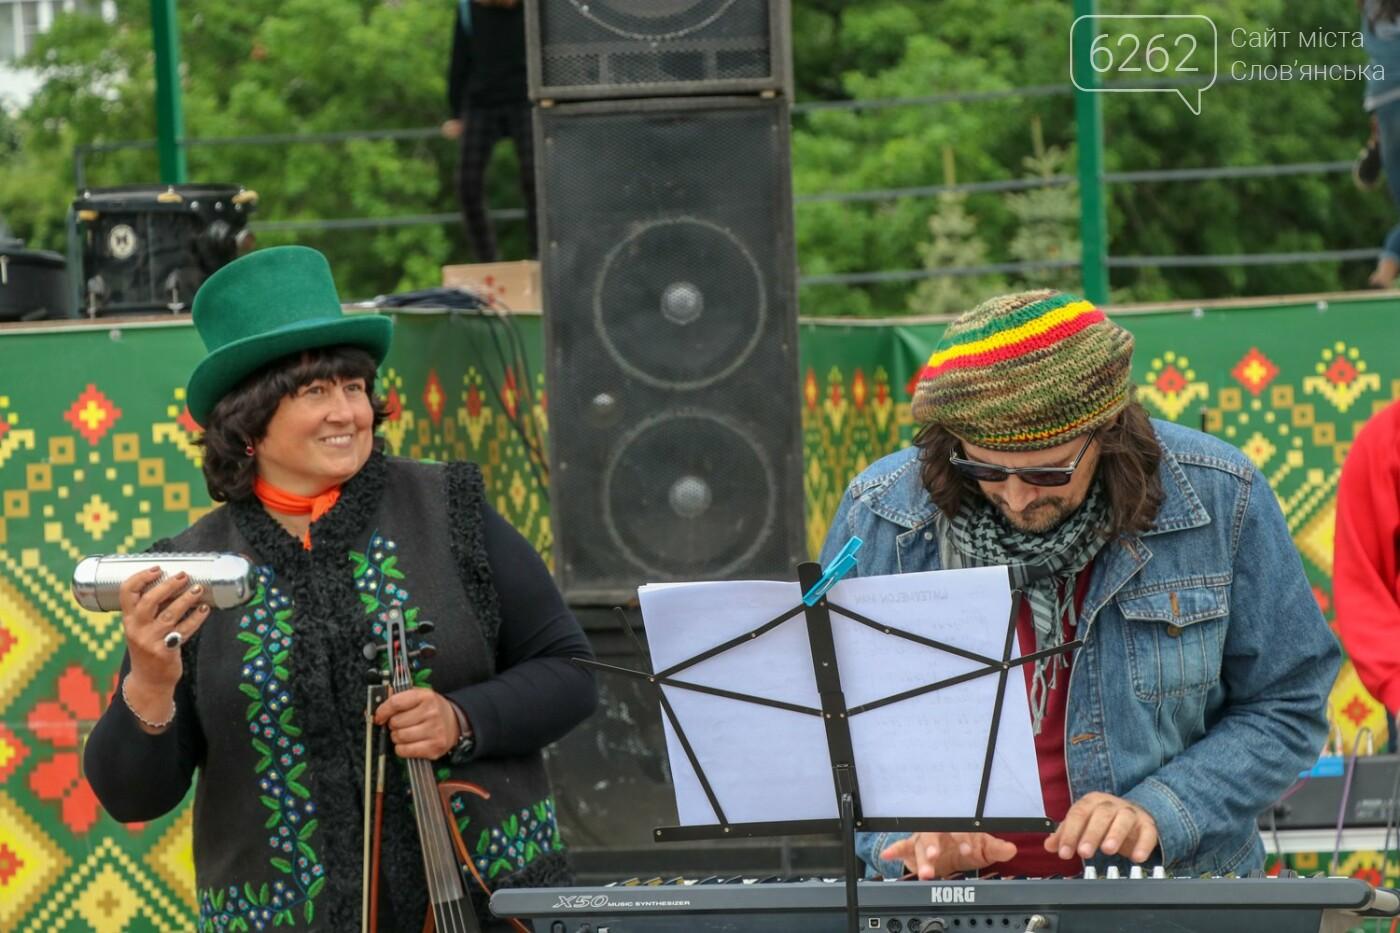 Скрипка, джаз та вечірні танці - яким був День вуличної музики у Слов'янську, фото-5